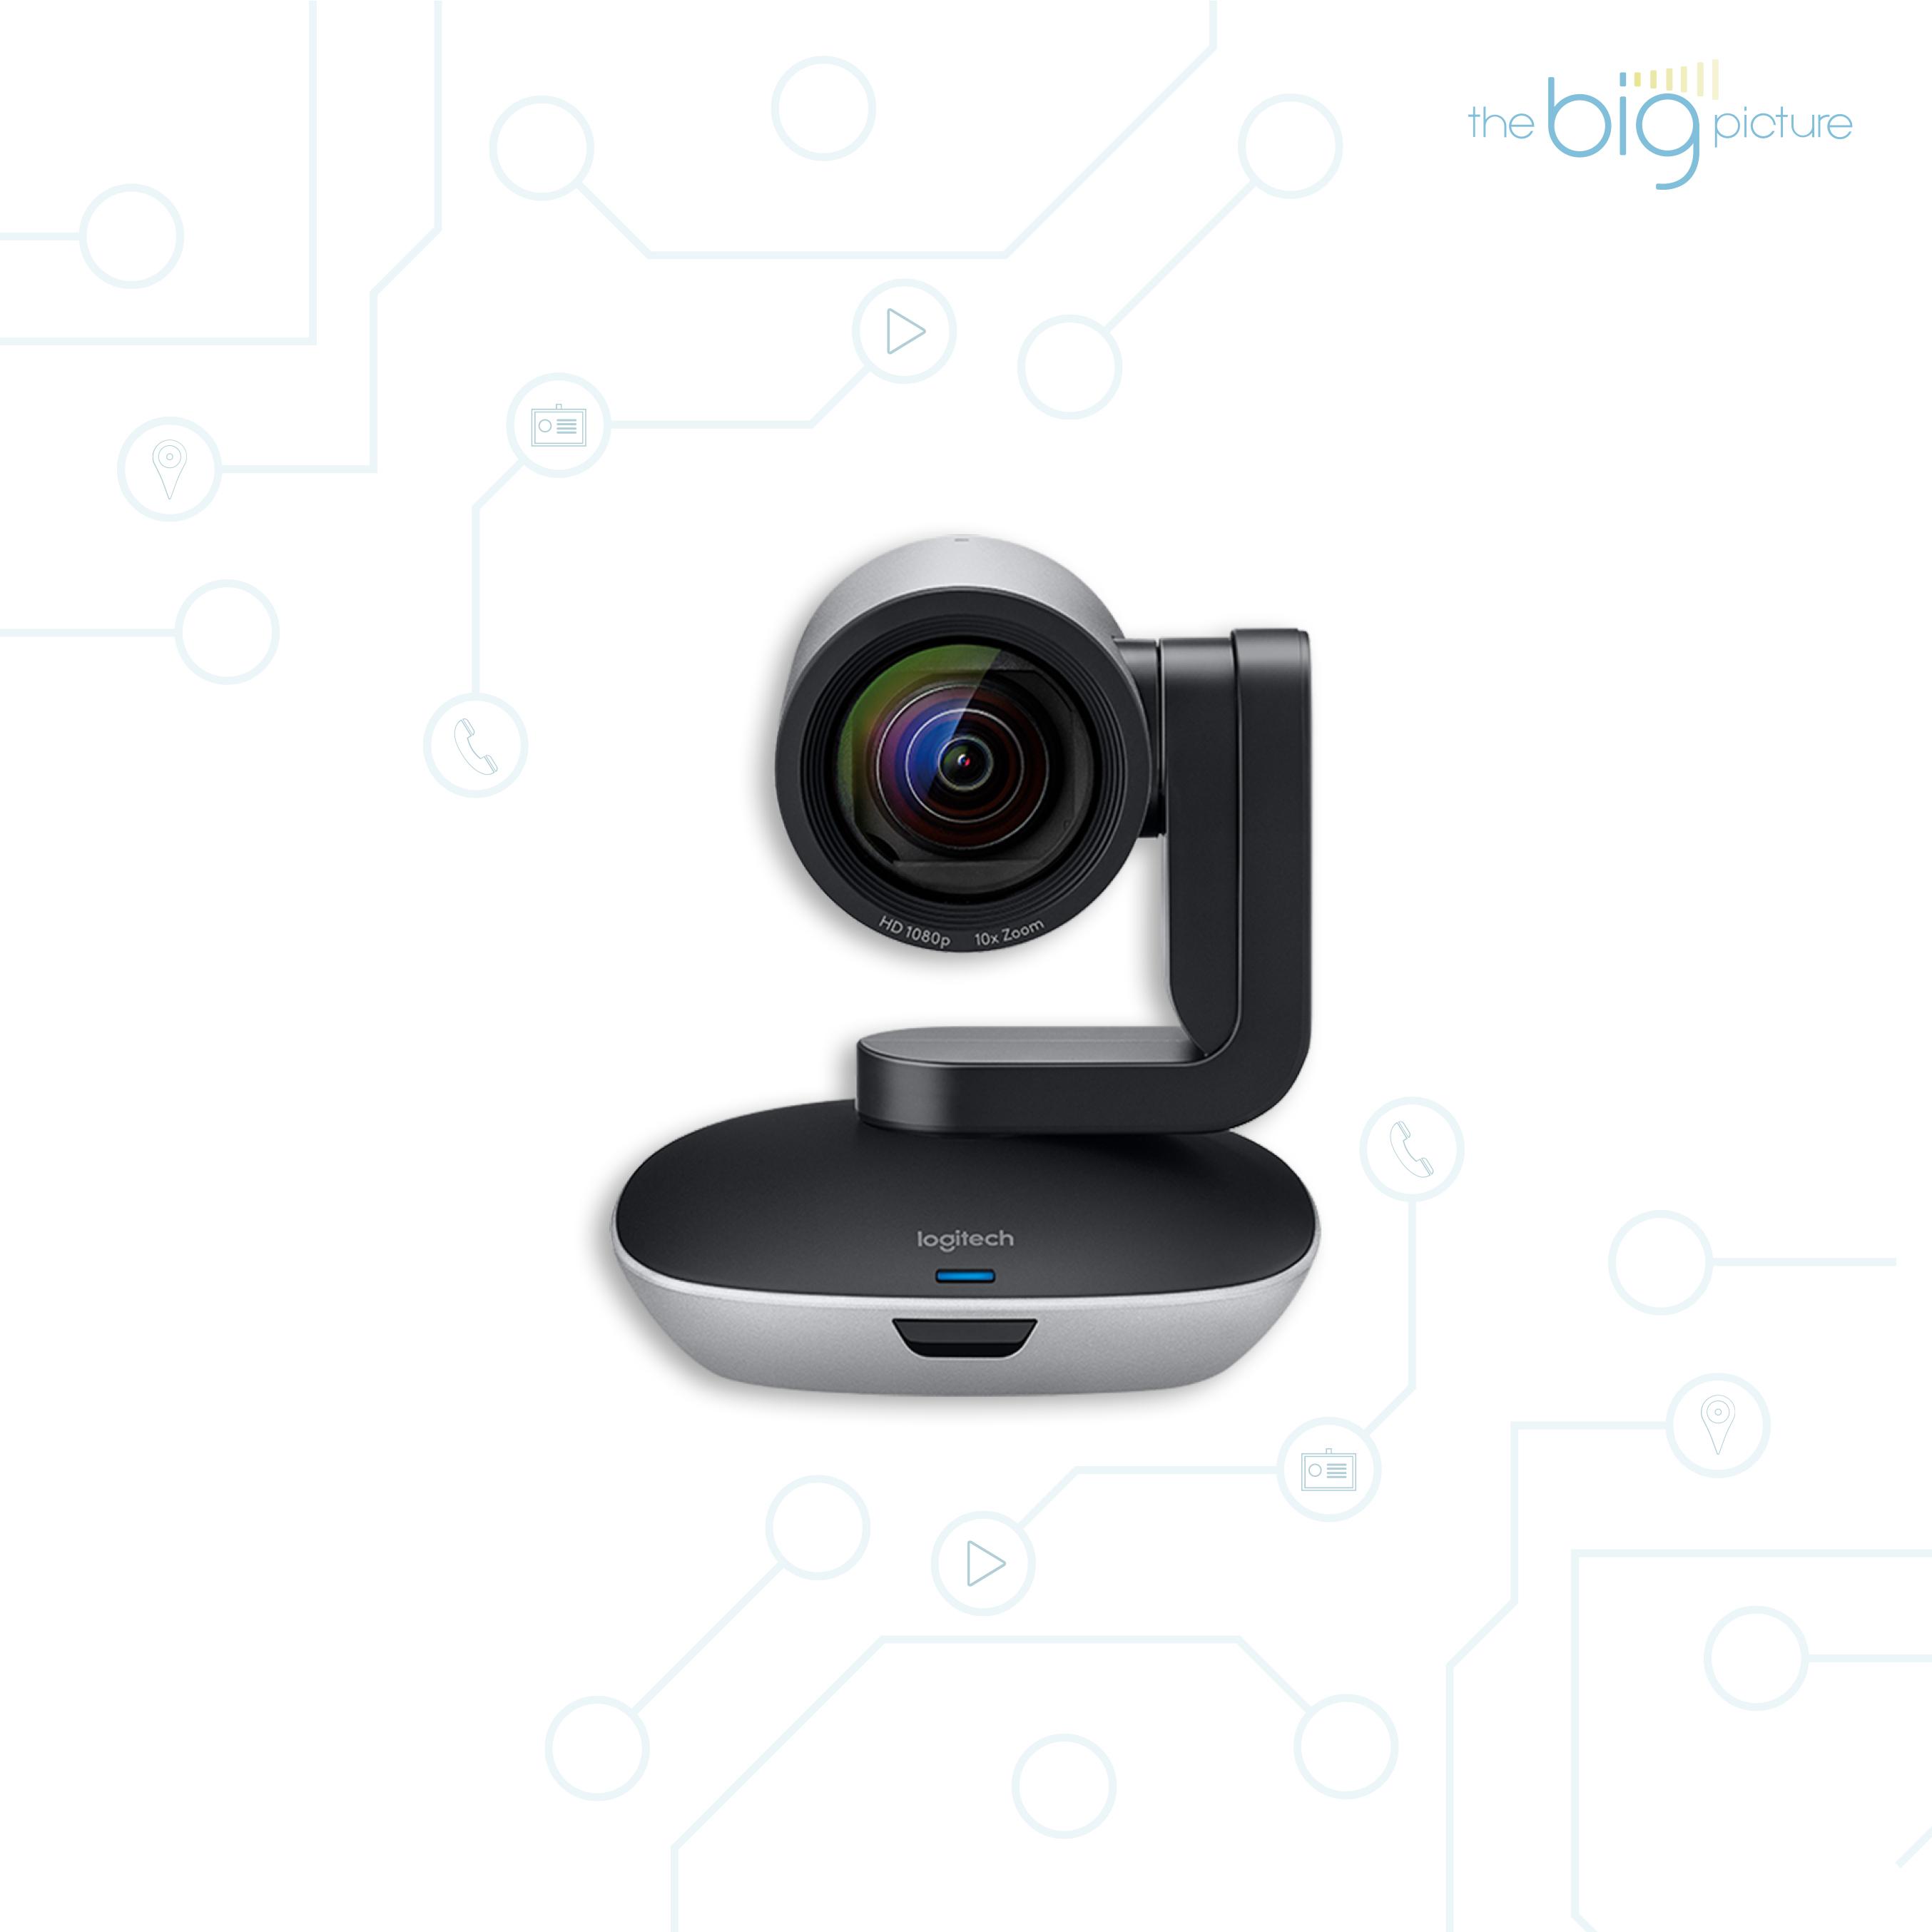 Logitech PTZ Pro Camera v2 - HD 1080p video camera.